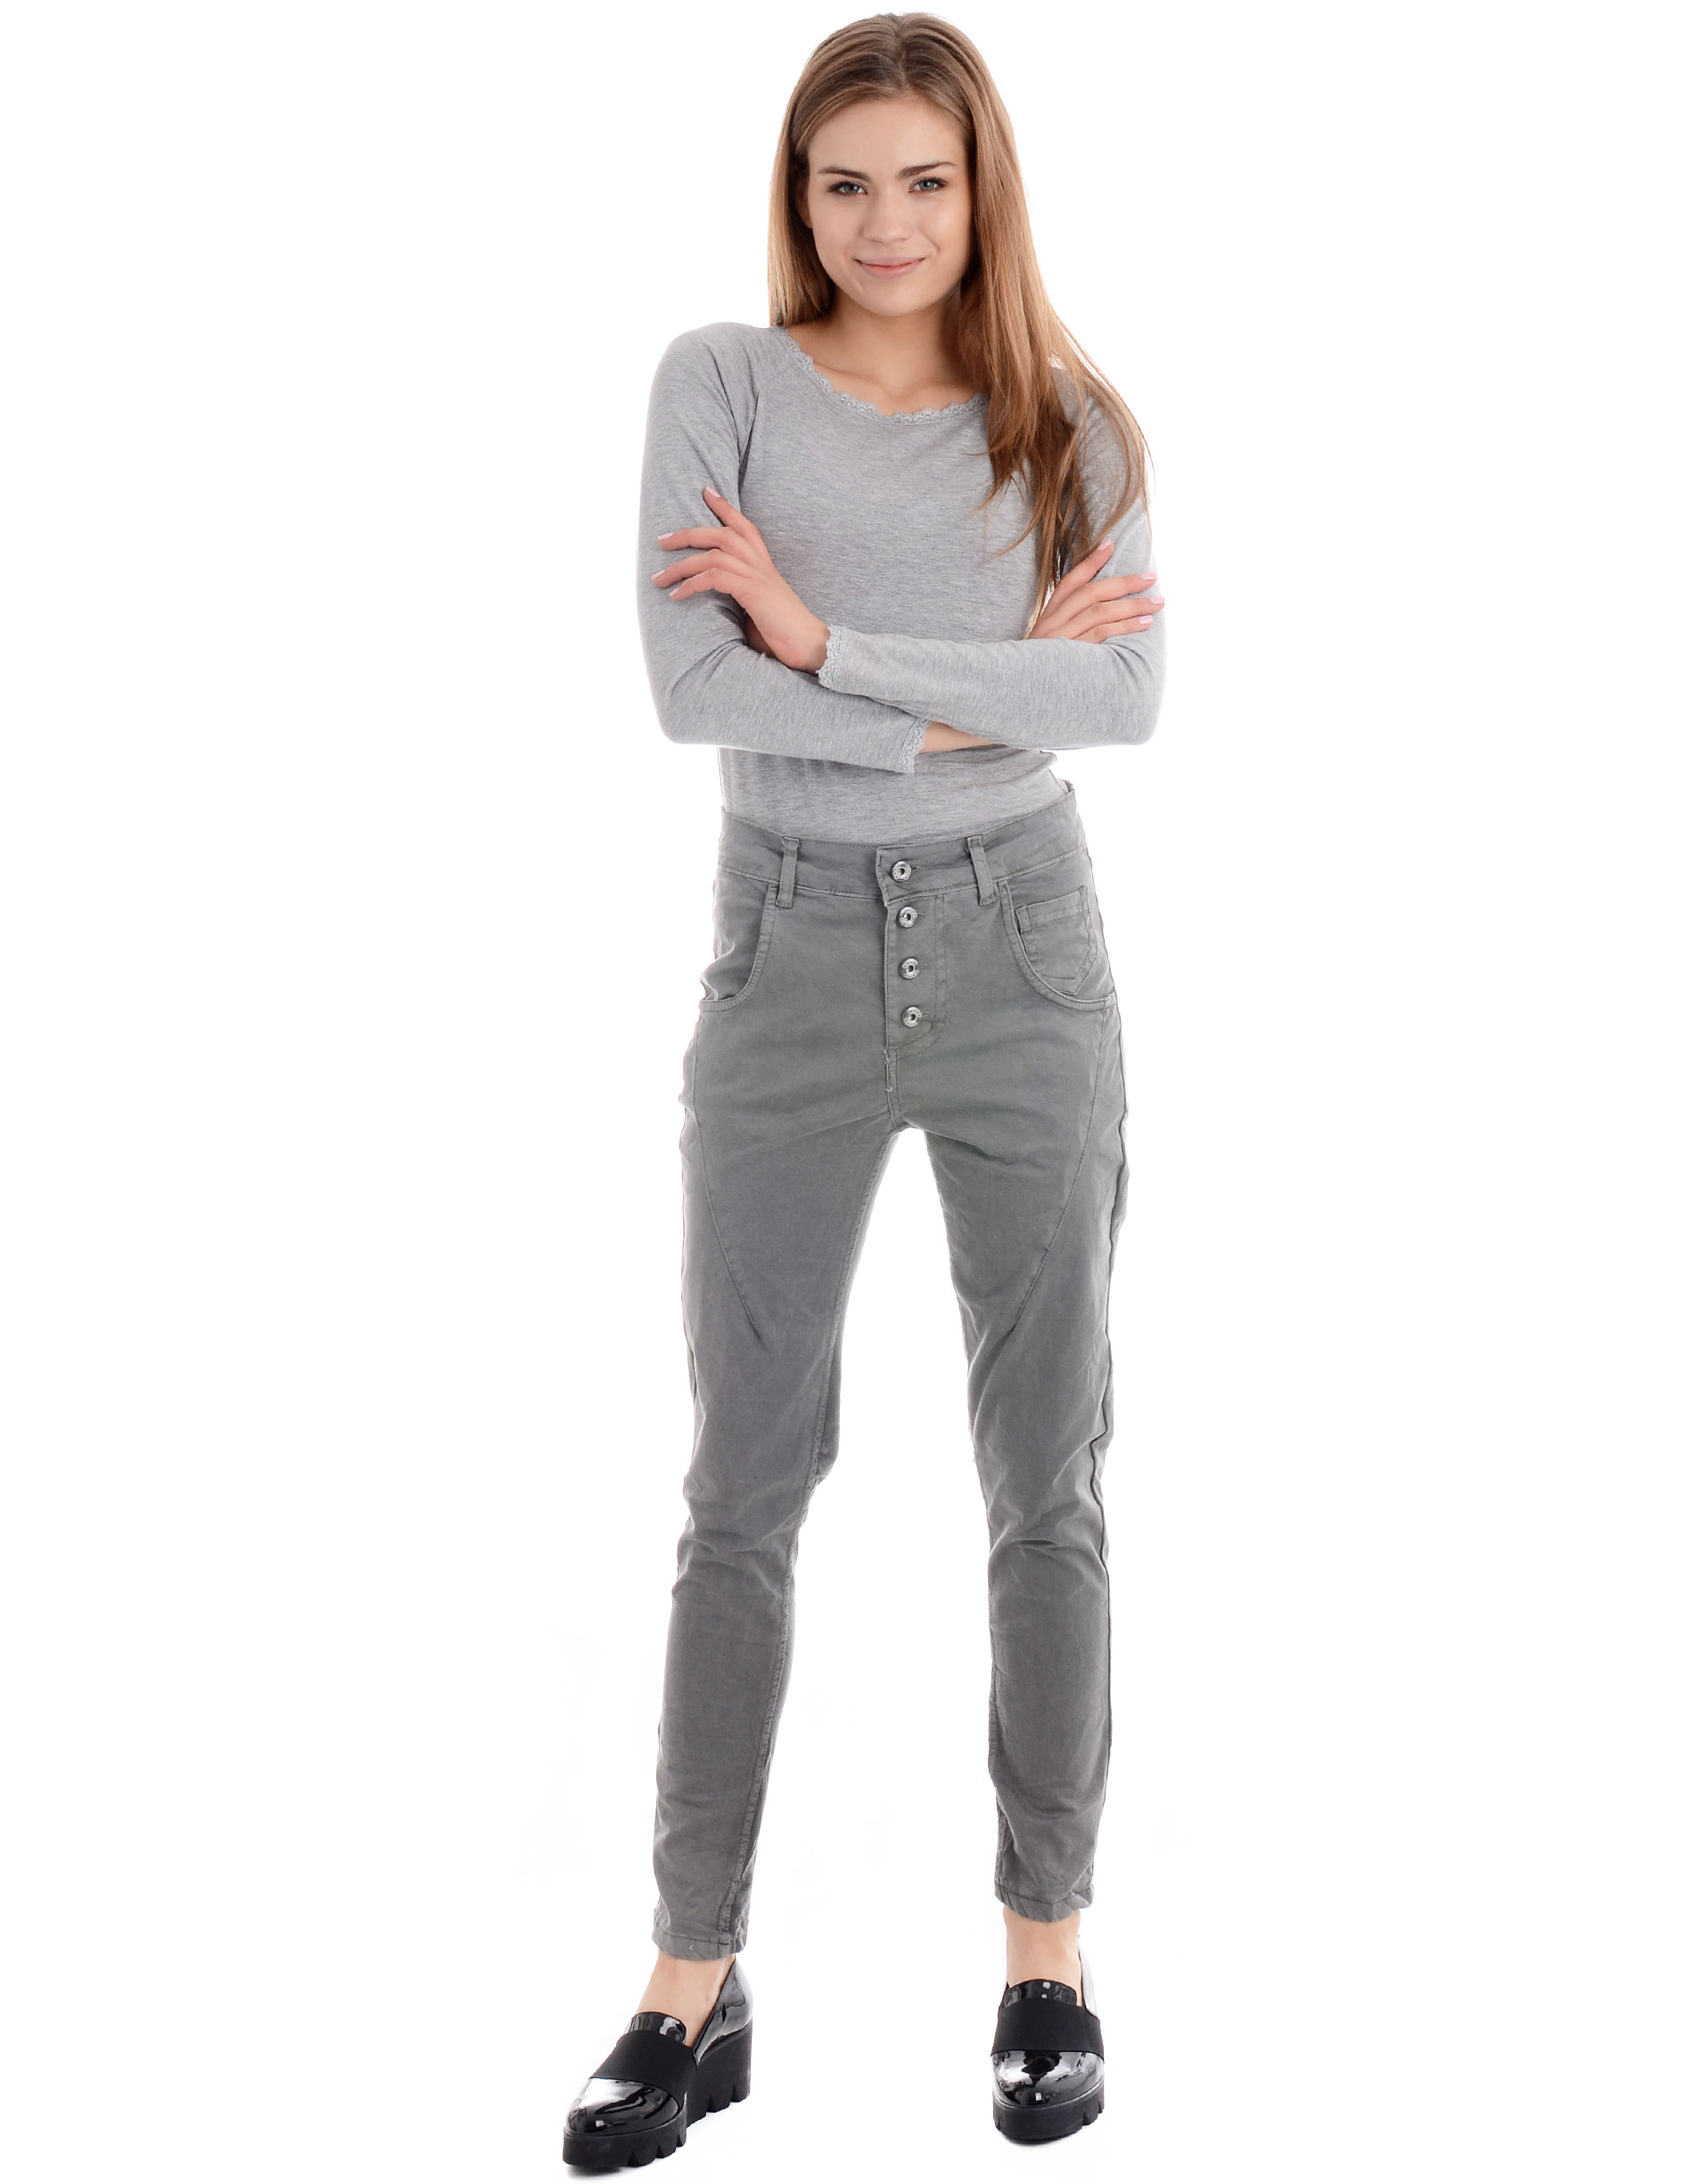 Spodnie - 146-168115 GR - Unisono